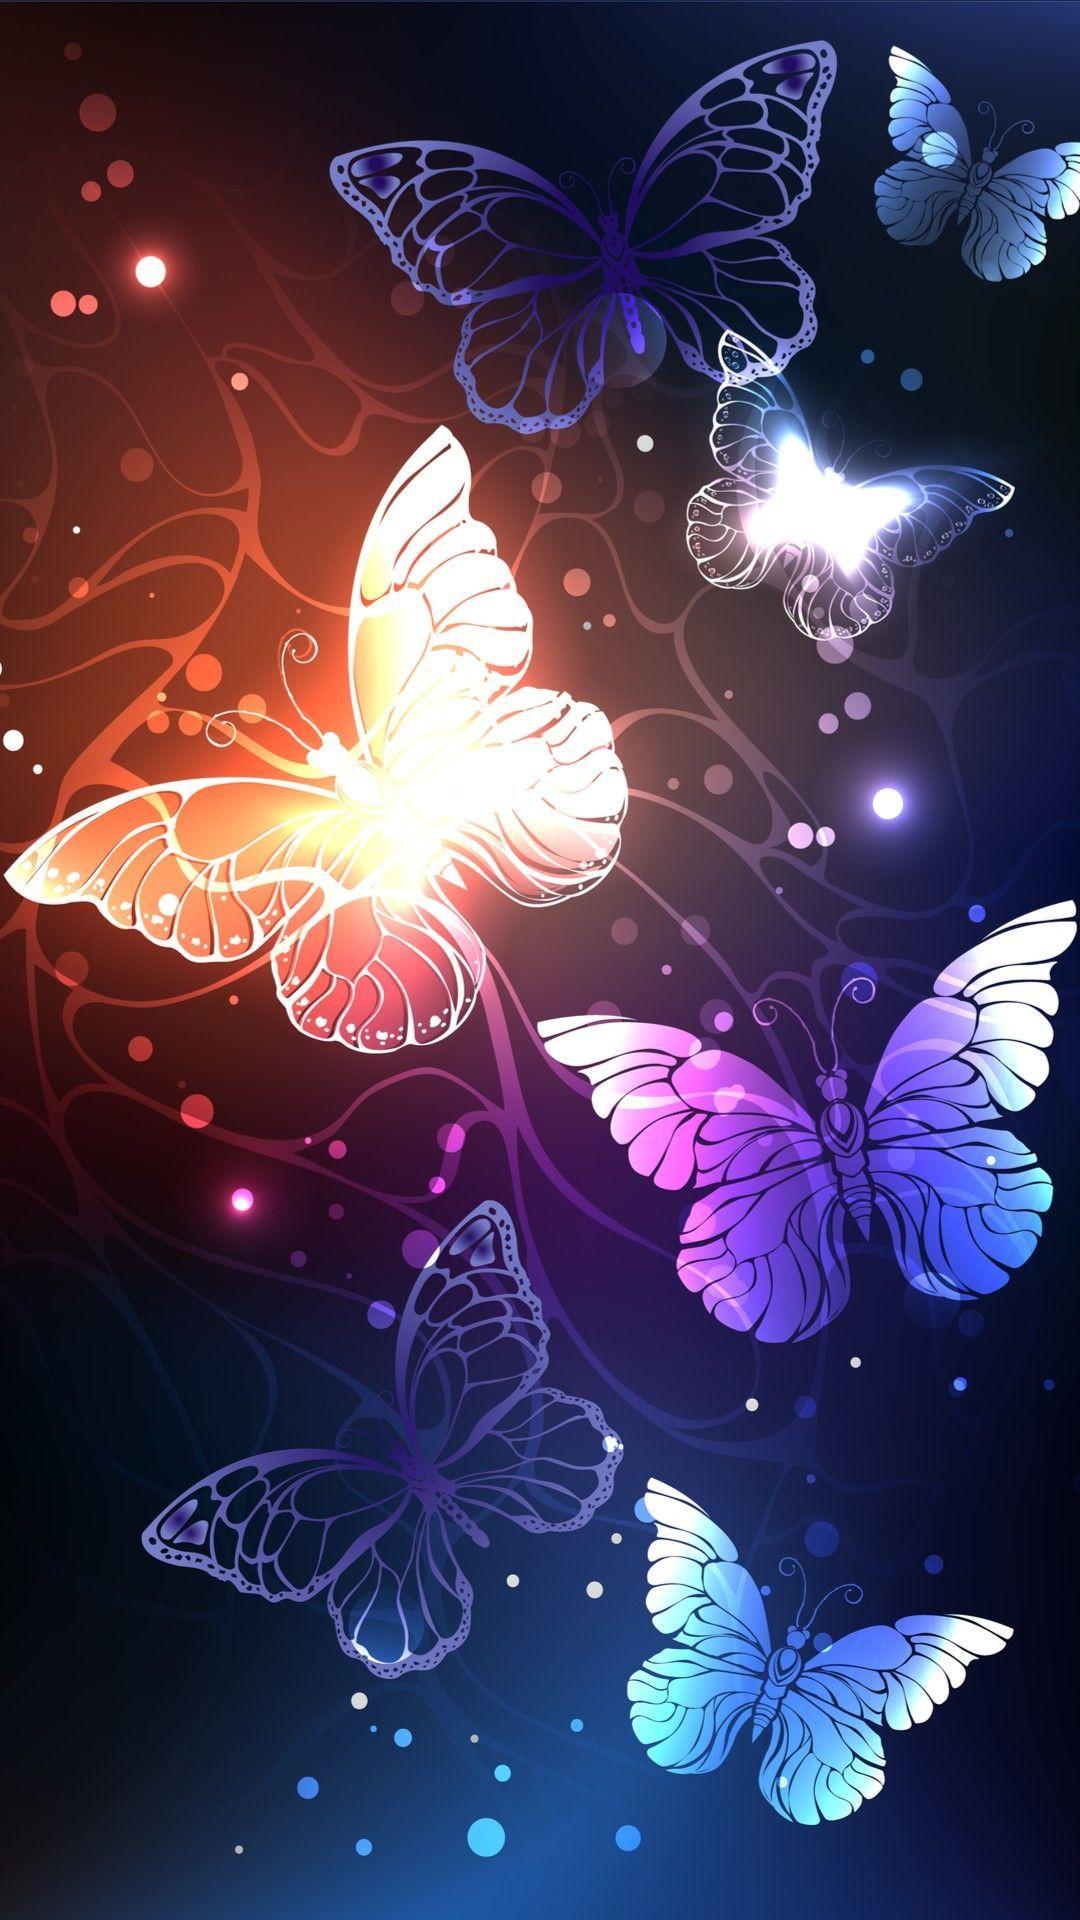 Wallpaper In 2020 | Butterfly Wallpaper Backgrounds